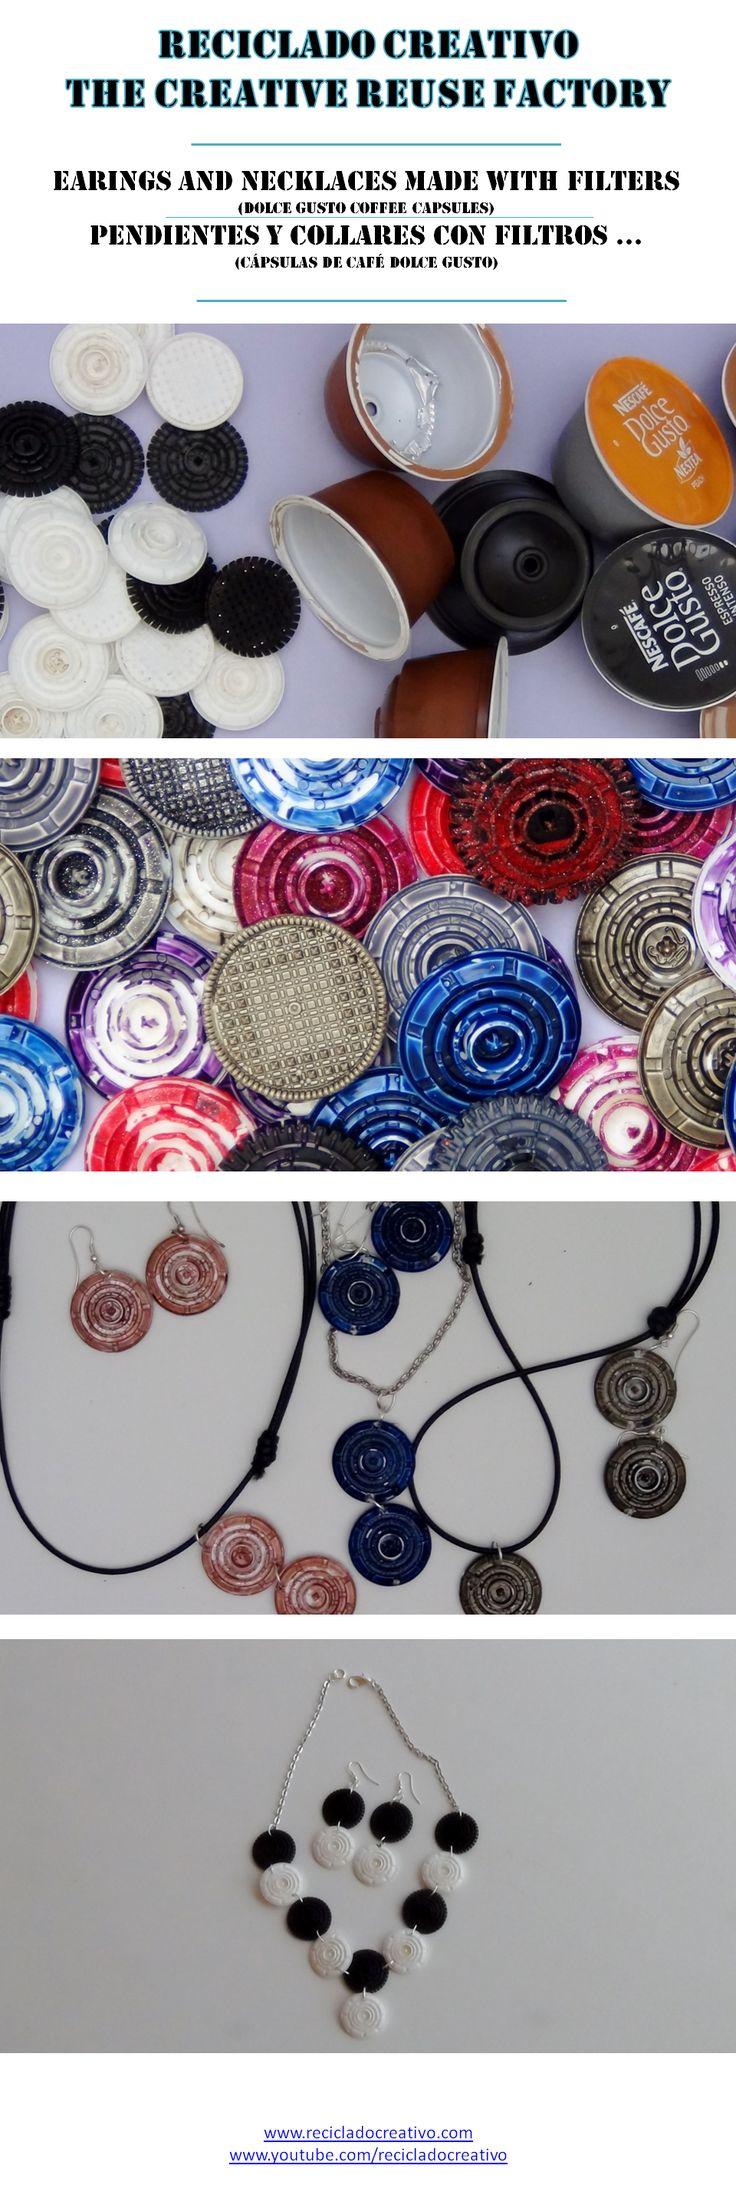 15.Earings and necklaces made with recycled filters (Dolce Gusto Capsules) - Pendientes y collares hechos con filtros de cápsulas de café Dolce Gusto reciclados